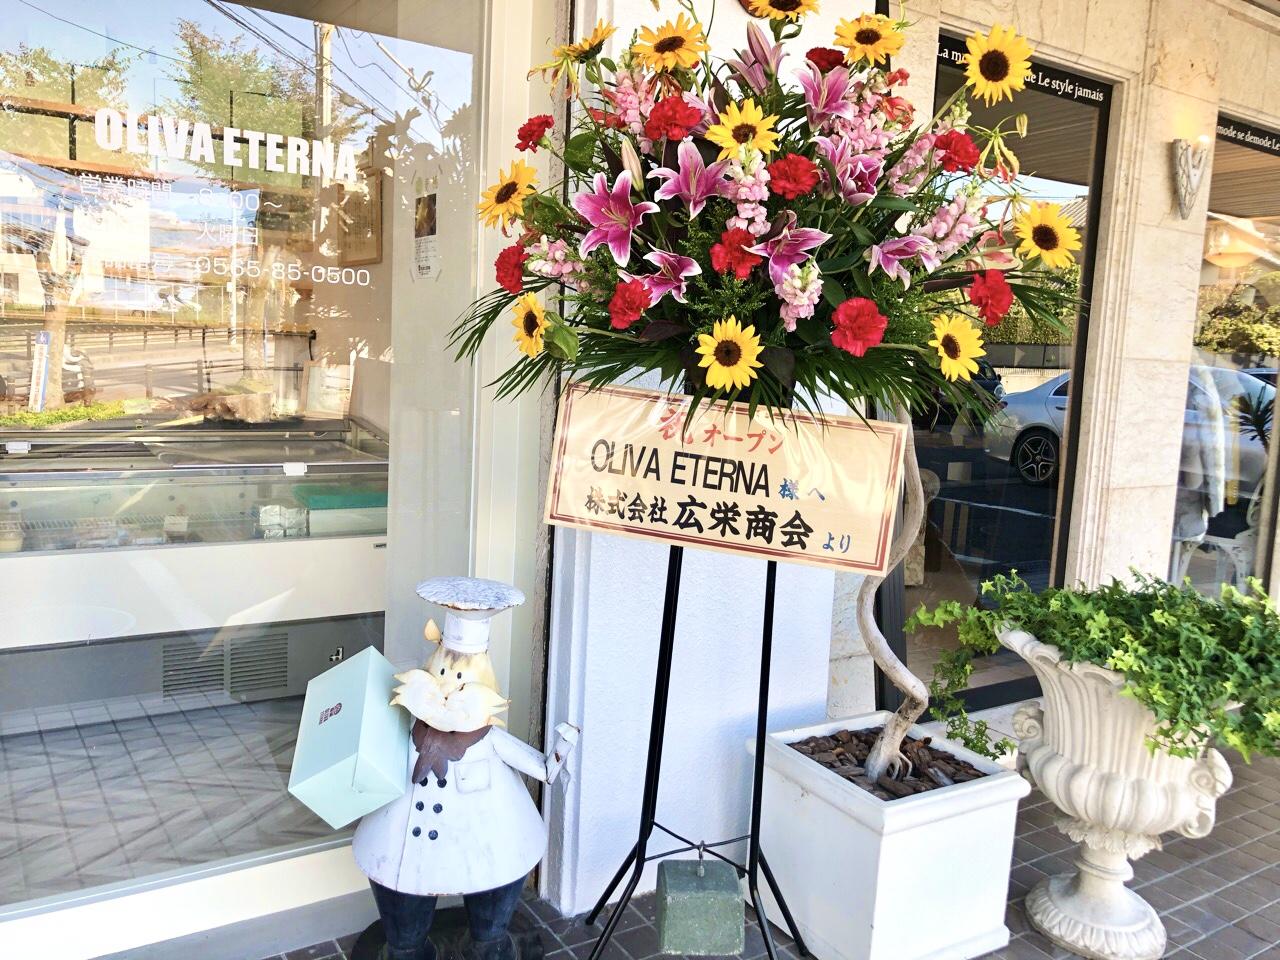 栄町にオープンしたパン屋OLIVAE TERN